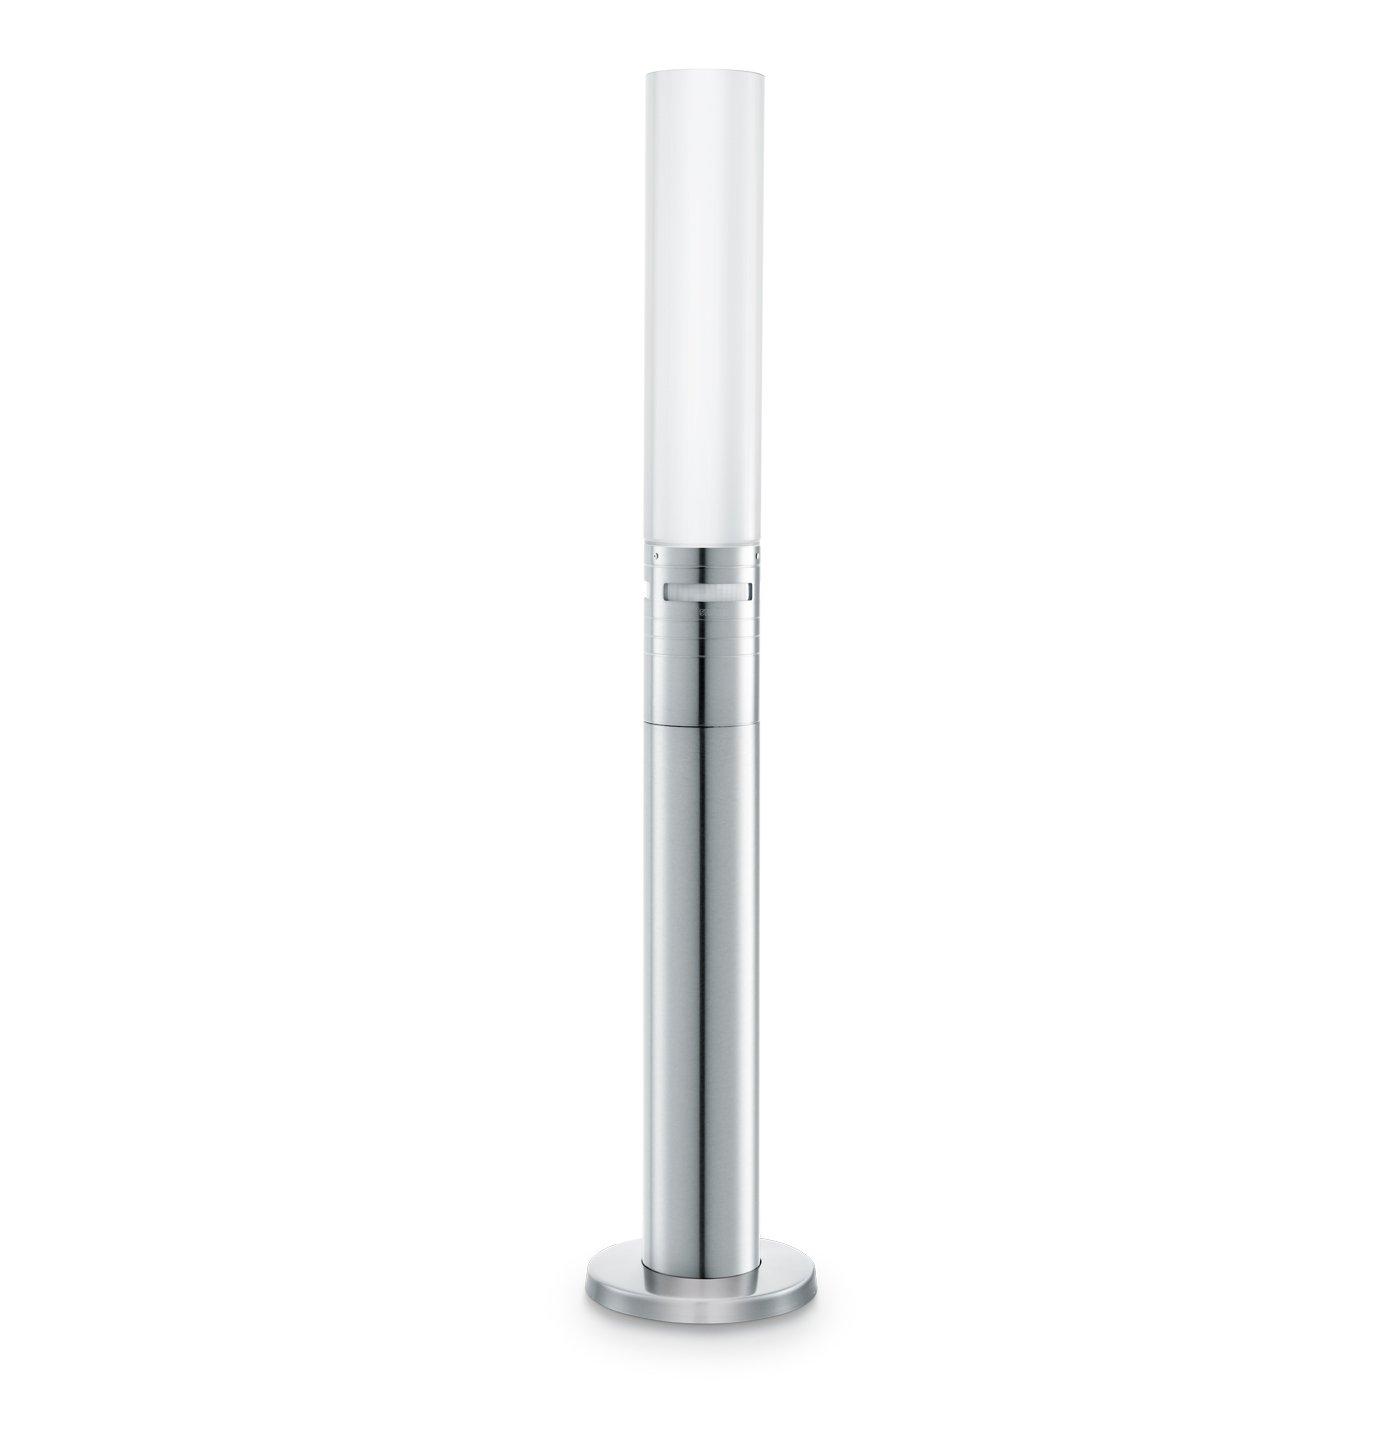 Steinel LED Gartenleuchte GL 60 LED, Wegeleuchte mit 360° Bewegungsmelder, Max. 12 m Reichweite, 8,6 W, Höhenverstellbar [Energieklasse A++] Höhenverstellbar 007881